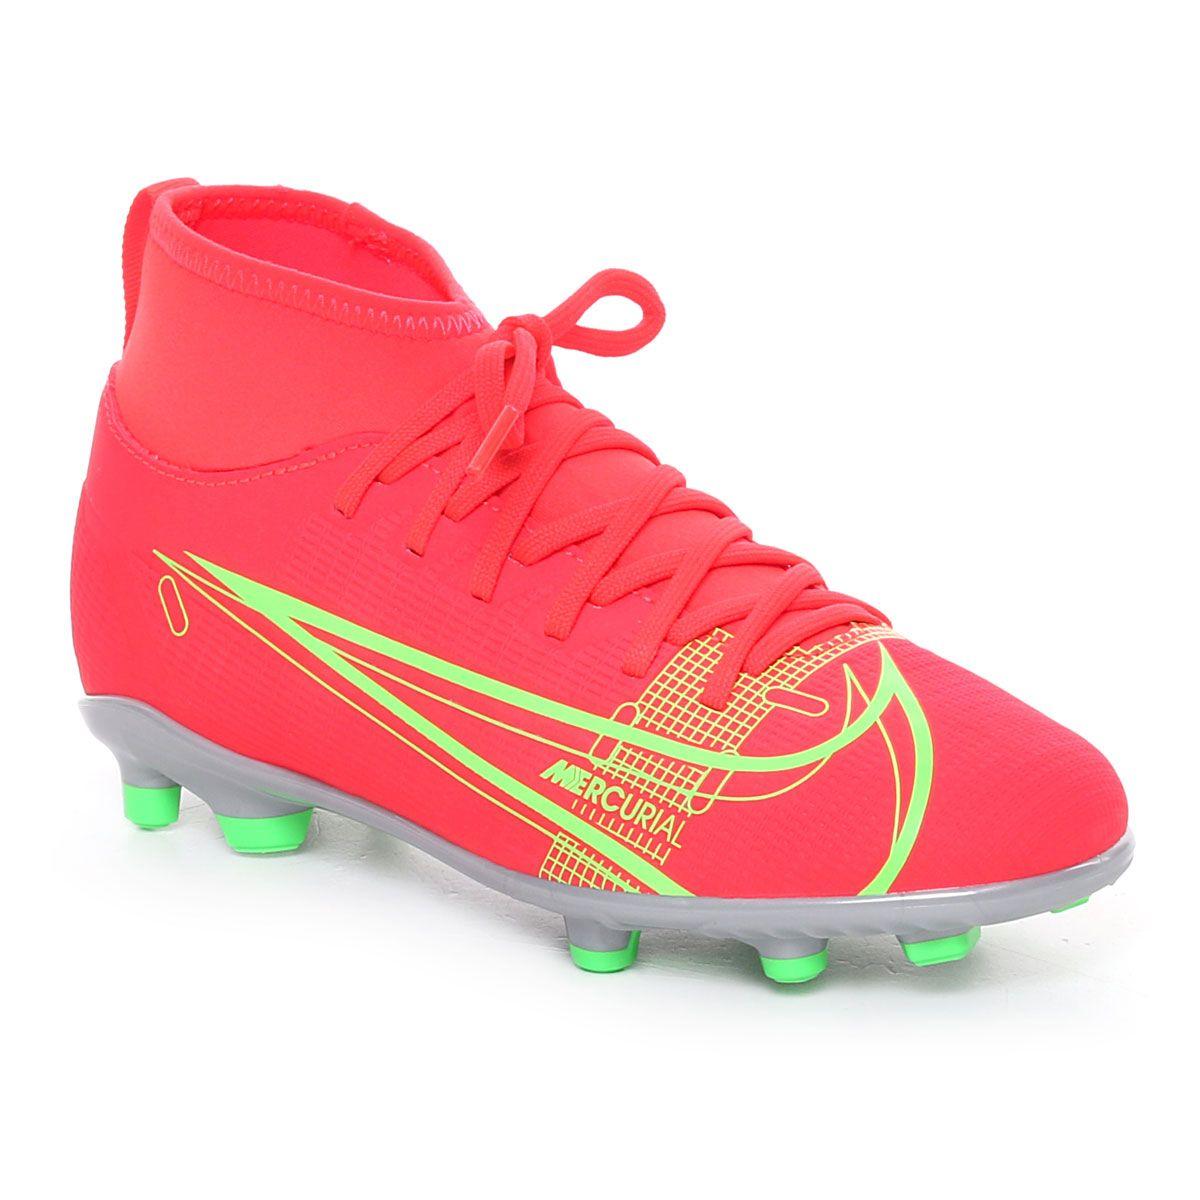 Nike Jr. Mercurial Superfly 8 Club Mg Arancione Lime